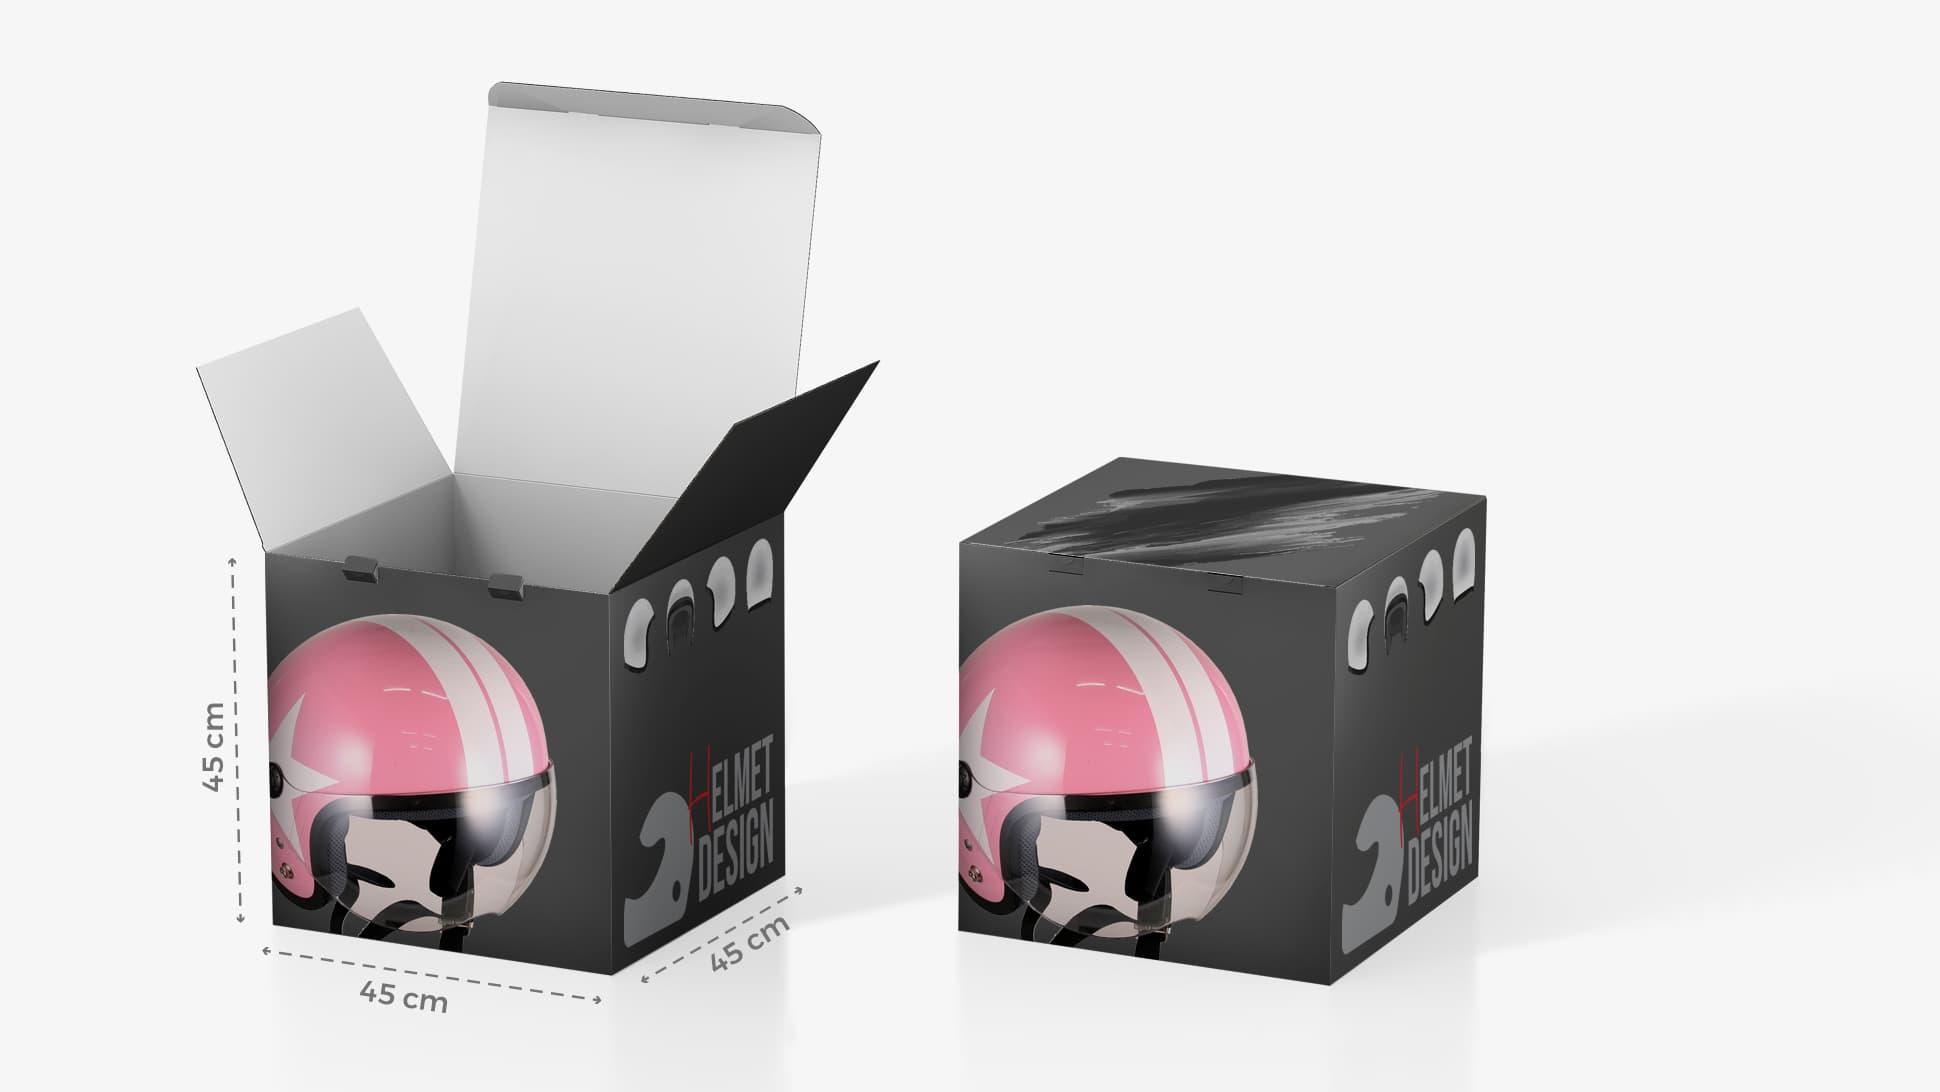 Scatola in cartone 45x45 cm con grafica casco | tictac.it